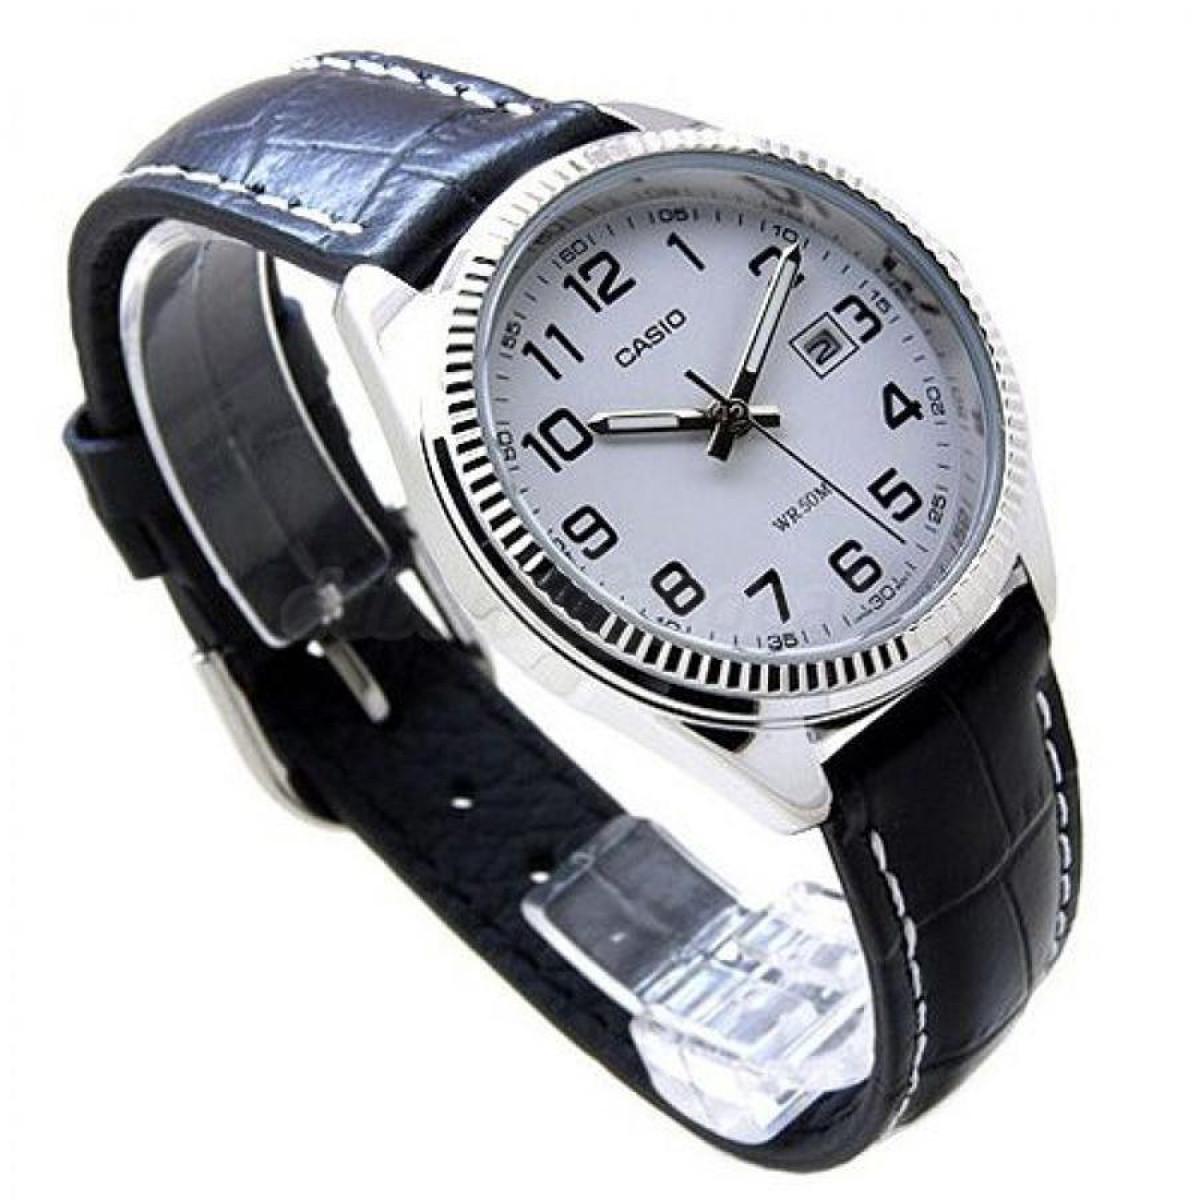 Часовник Casio LTP-1302L-7BVEF